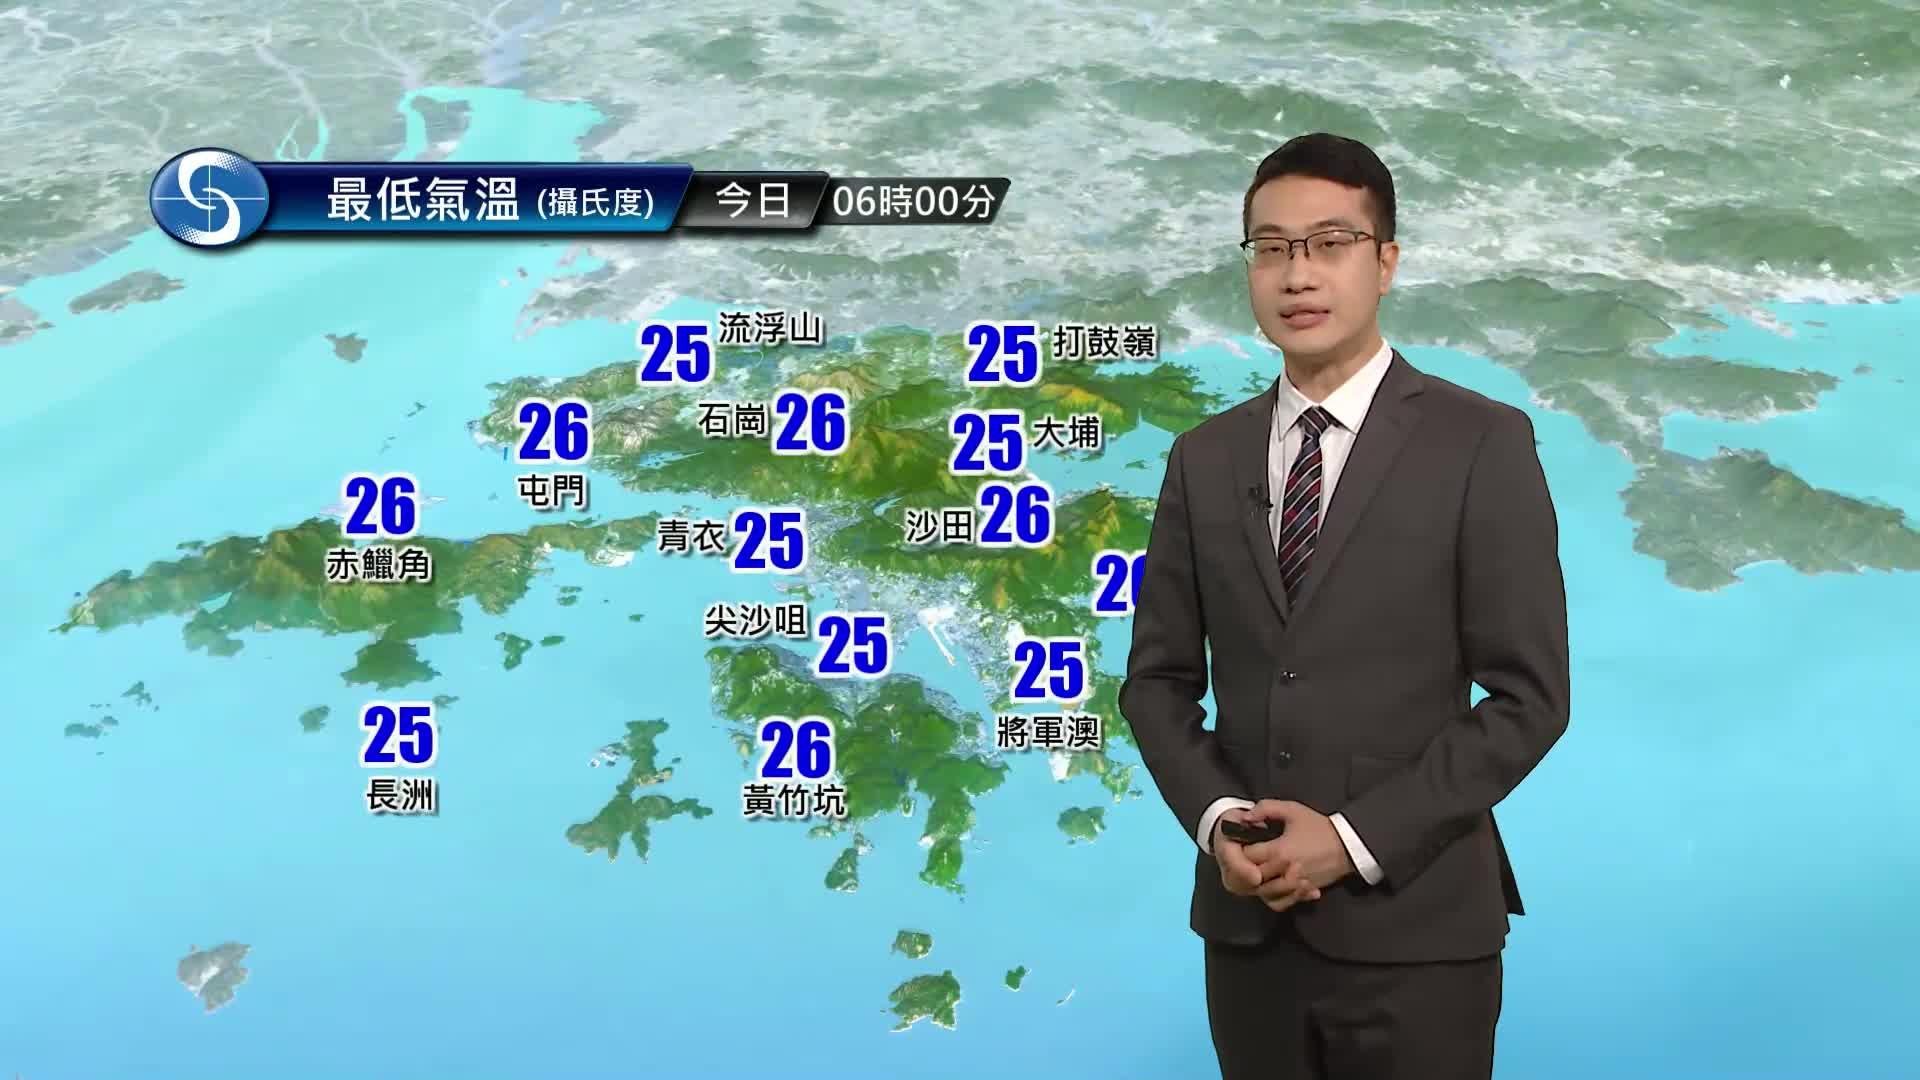 早晨天氣節目(07月21日上午7時) - 科學主任陳恩進